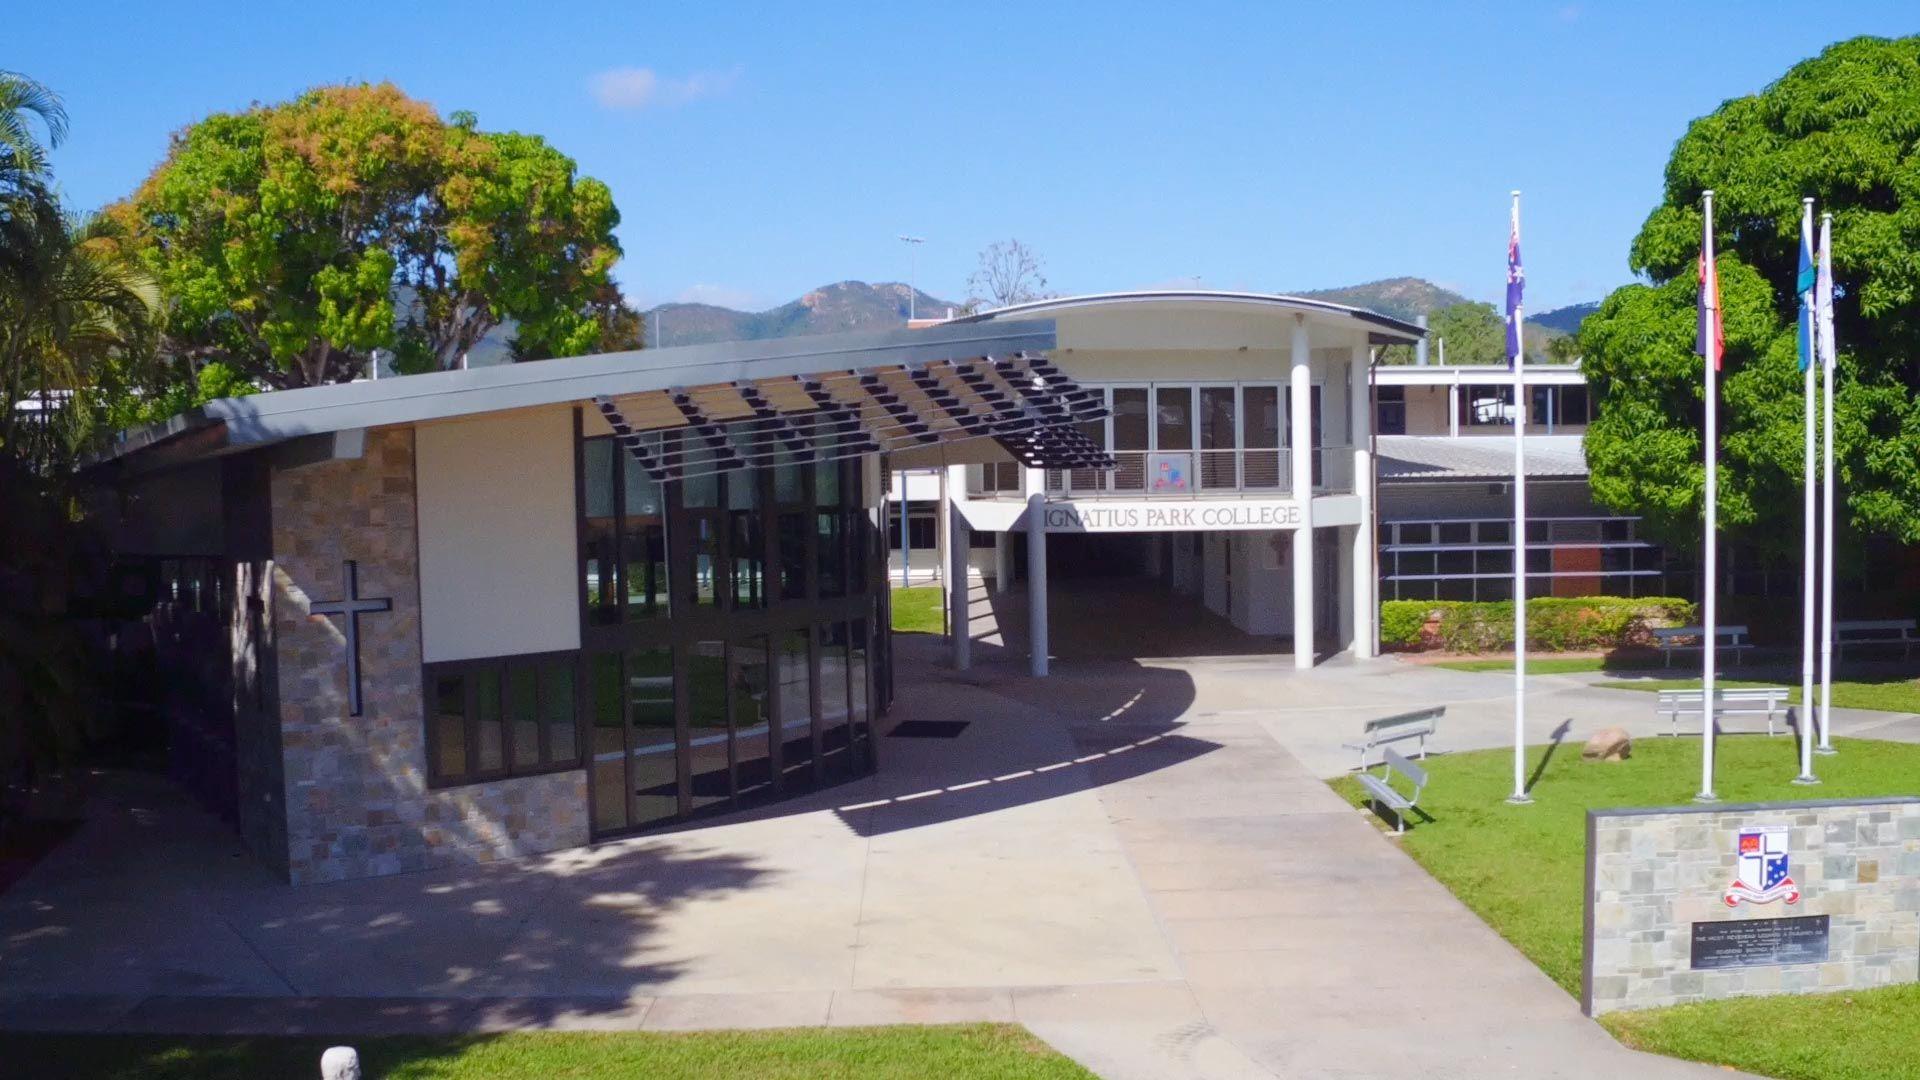 Ignatius Park Townsville